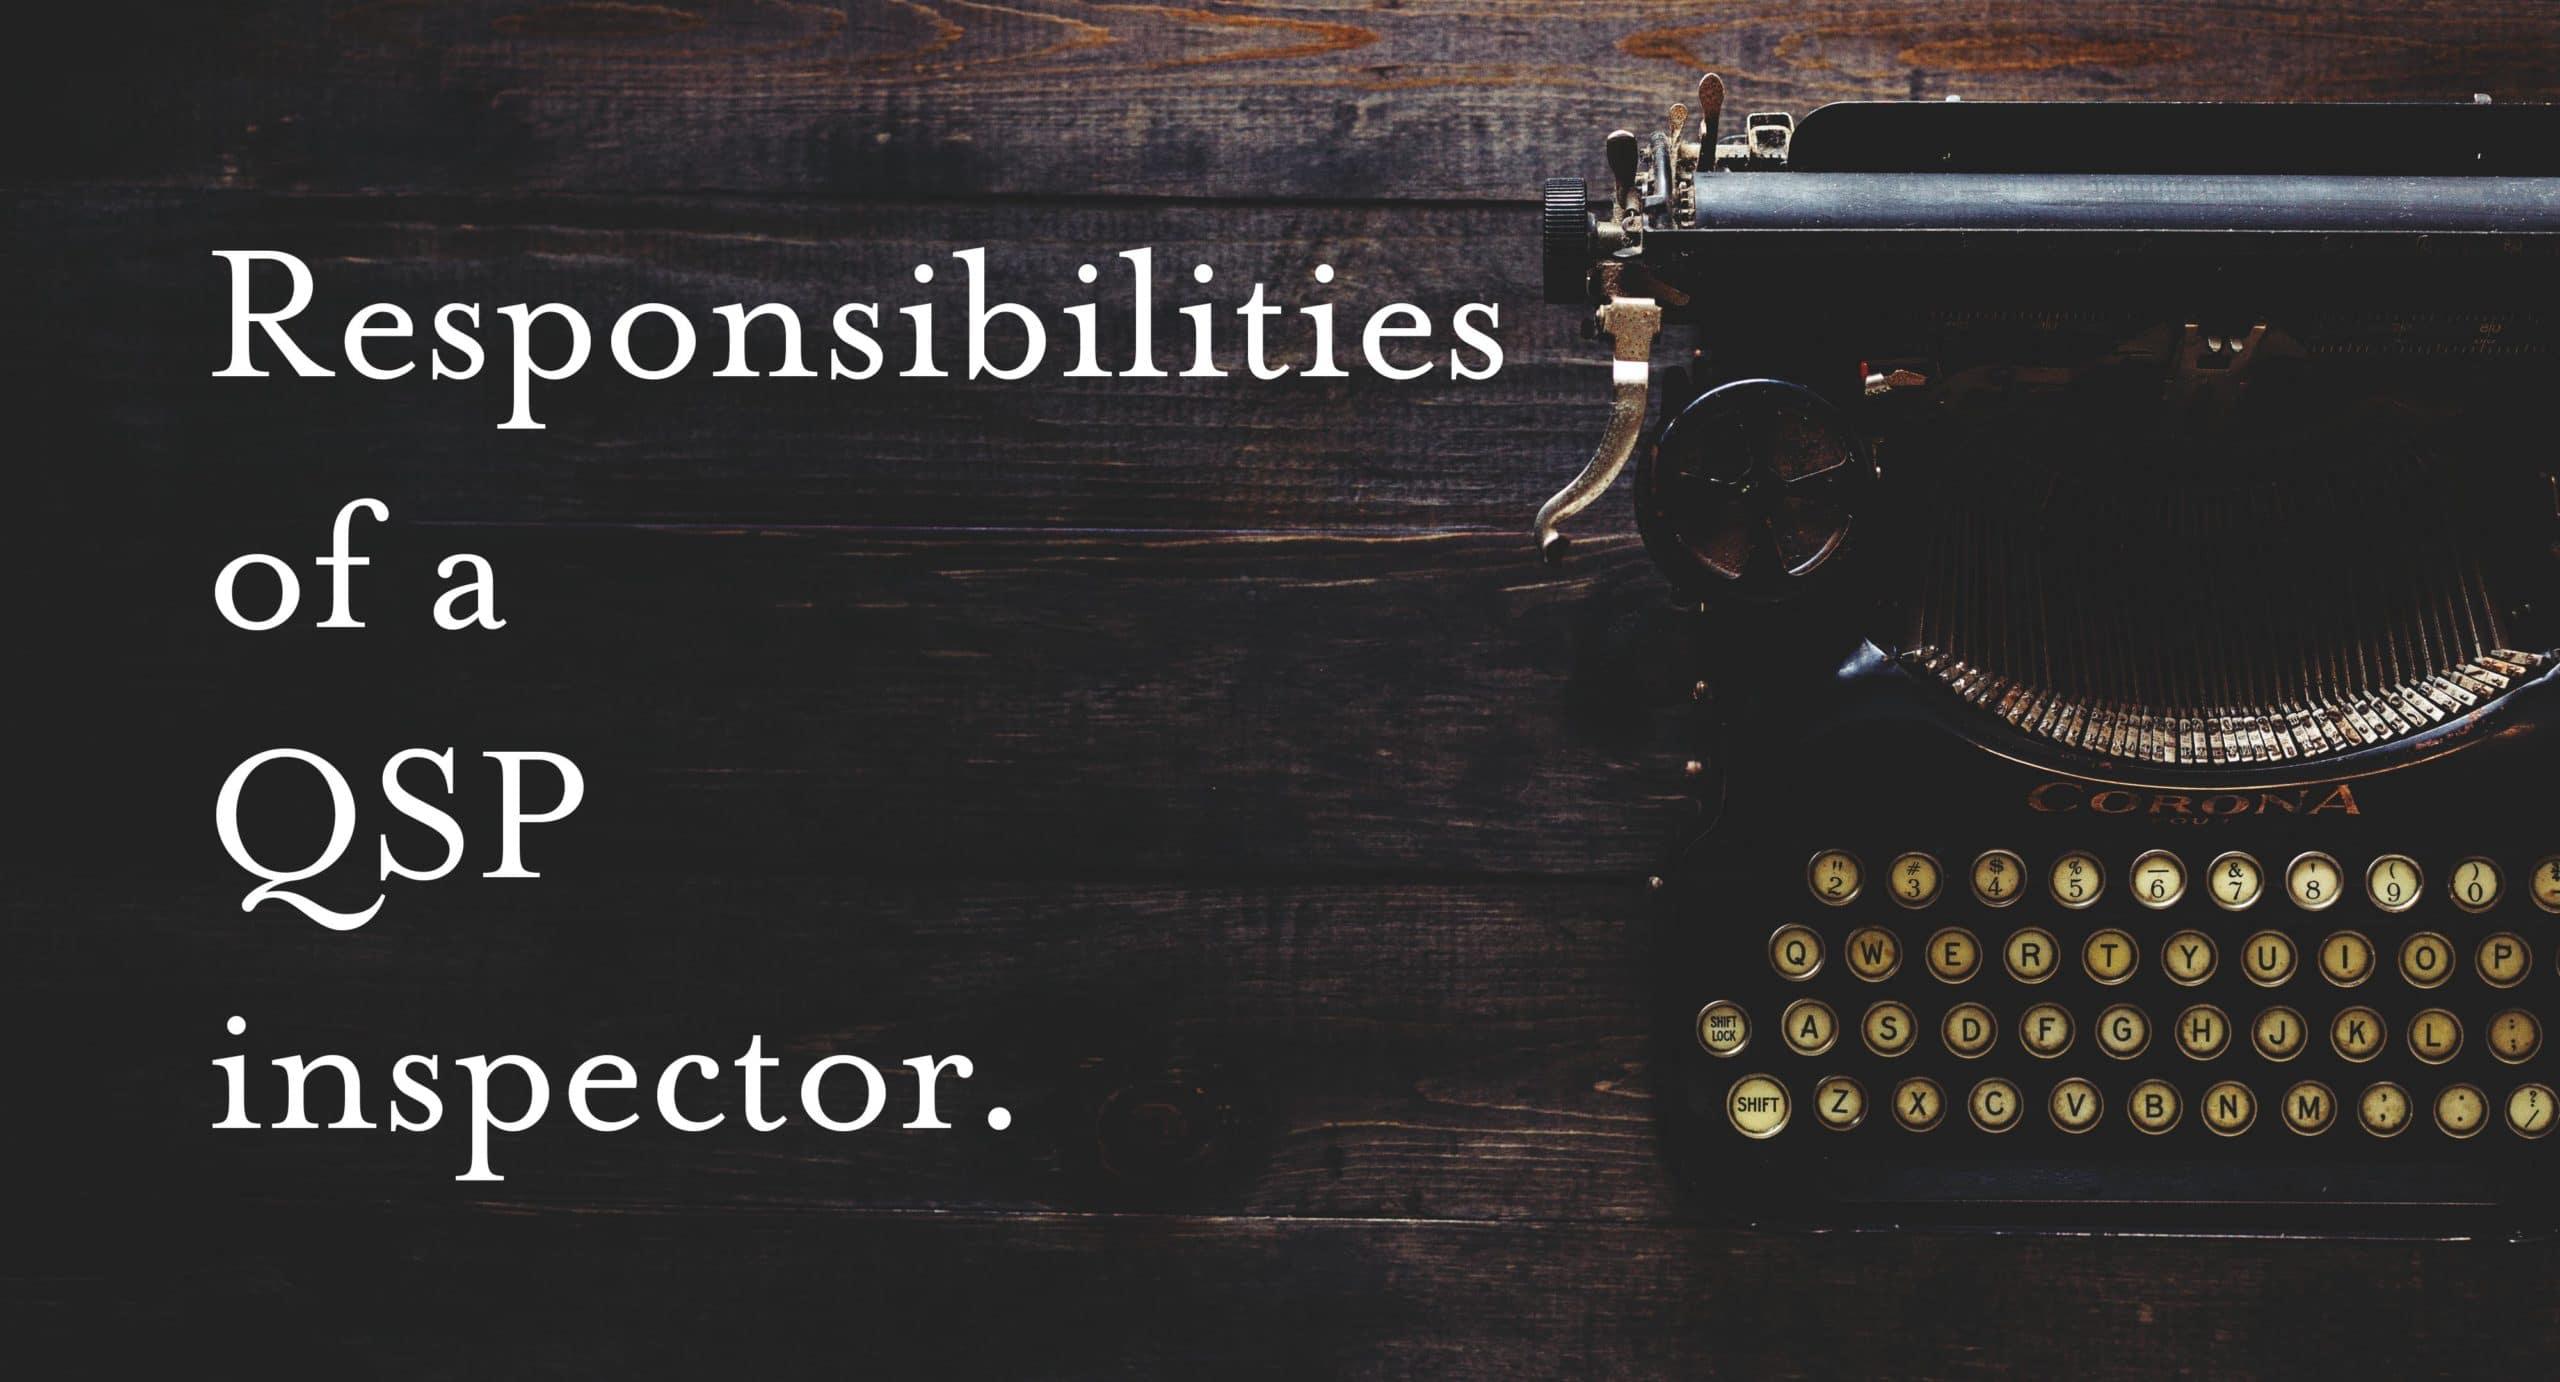 Responsibilities of a QSP Inspector